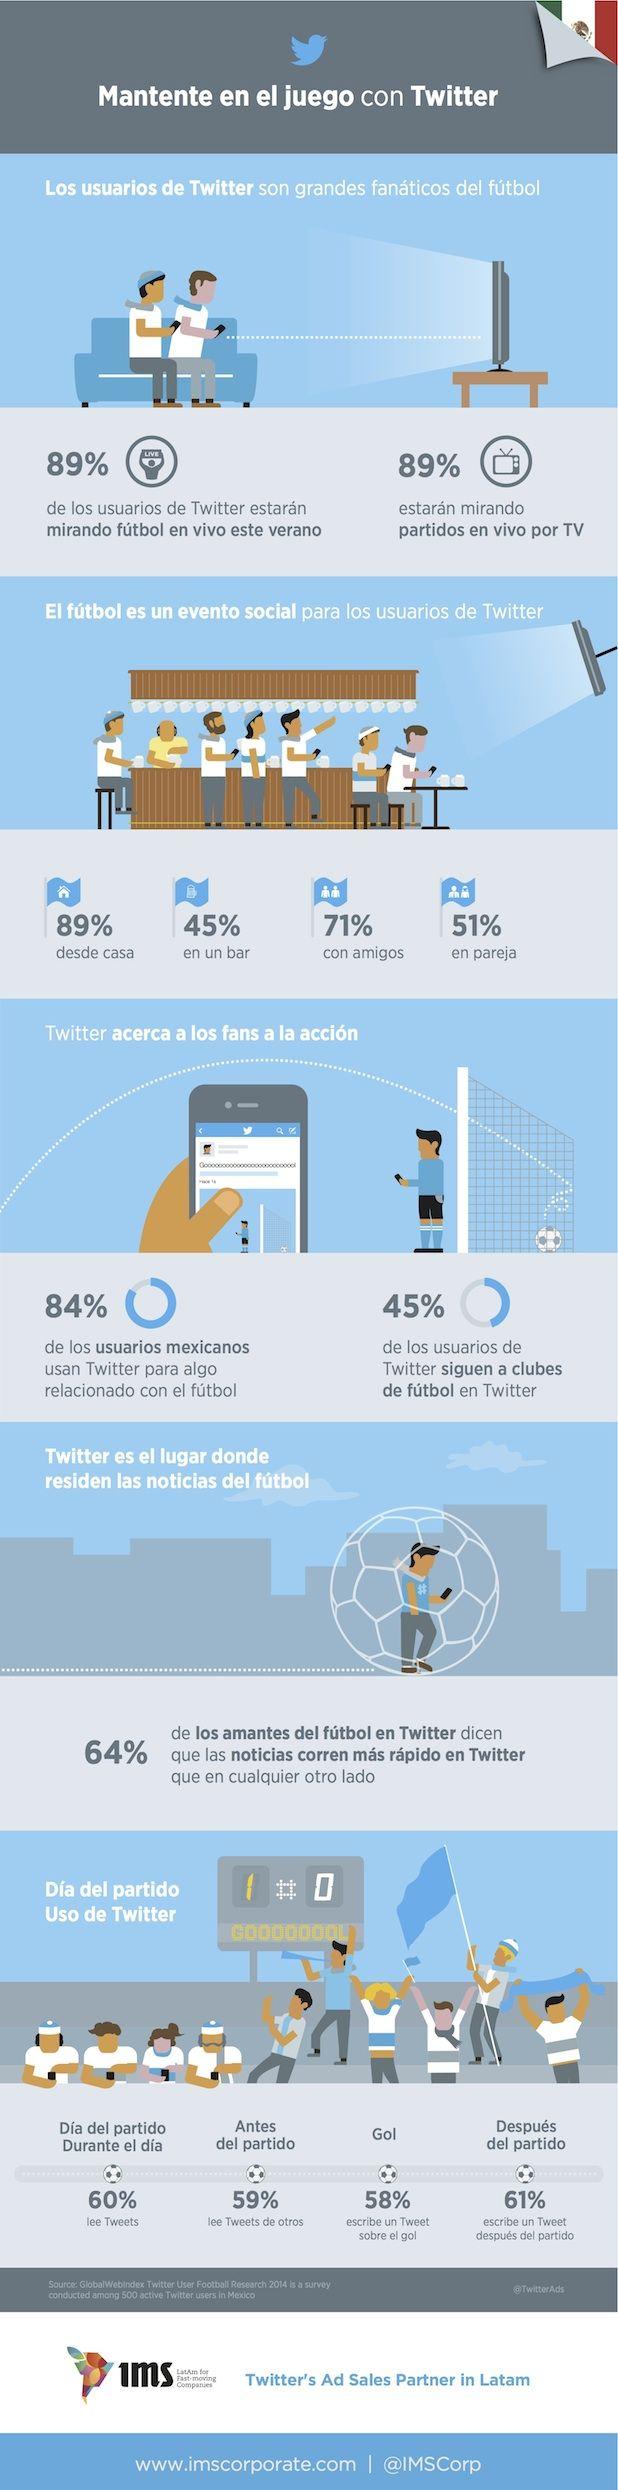 Twitter dominará las conversaciones en el Mundial según IMS